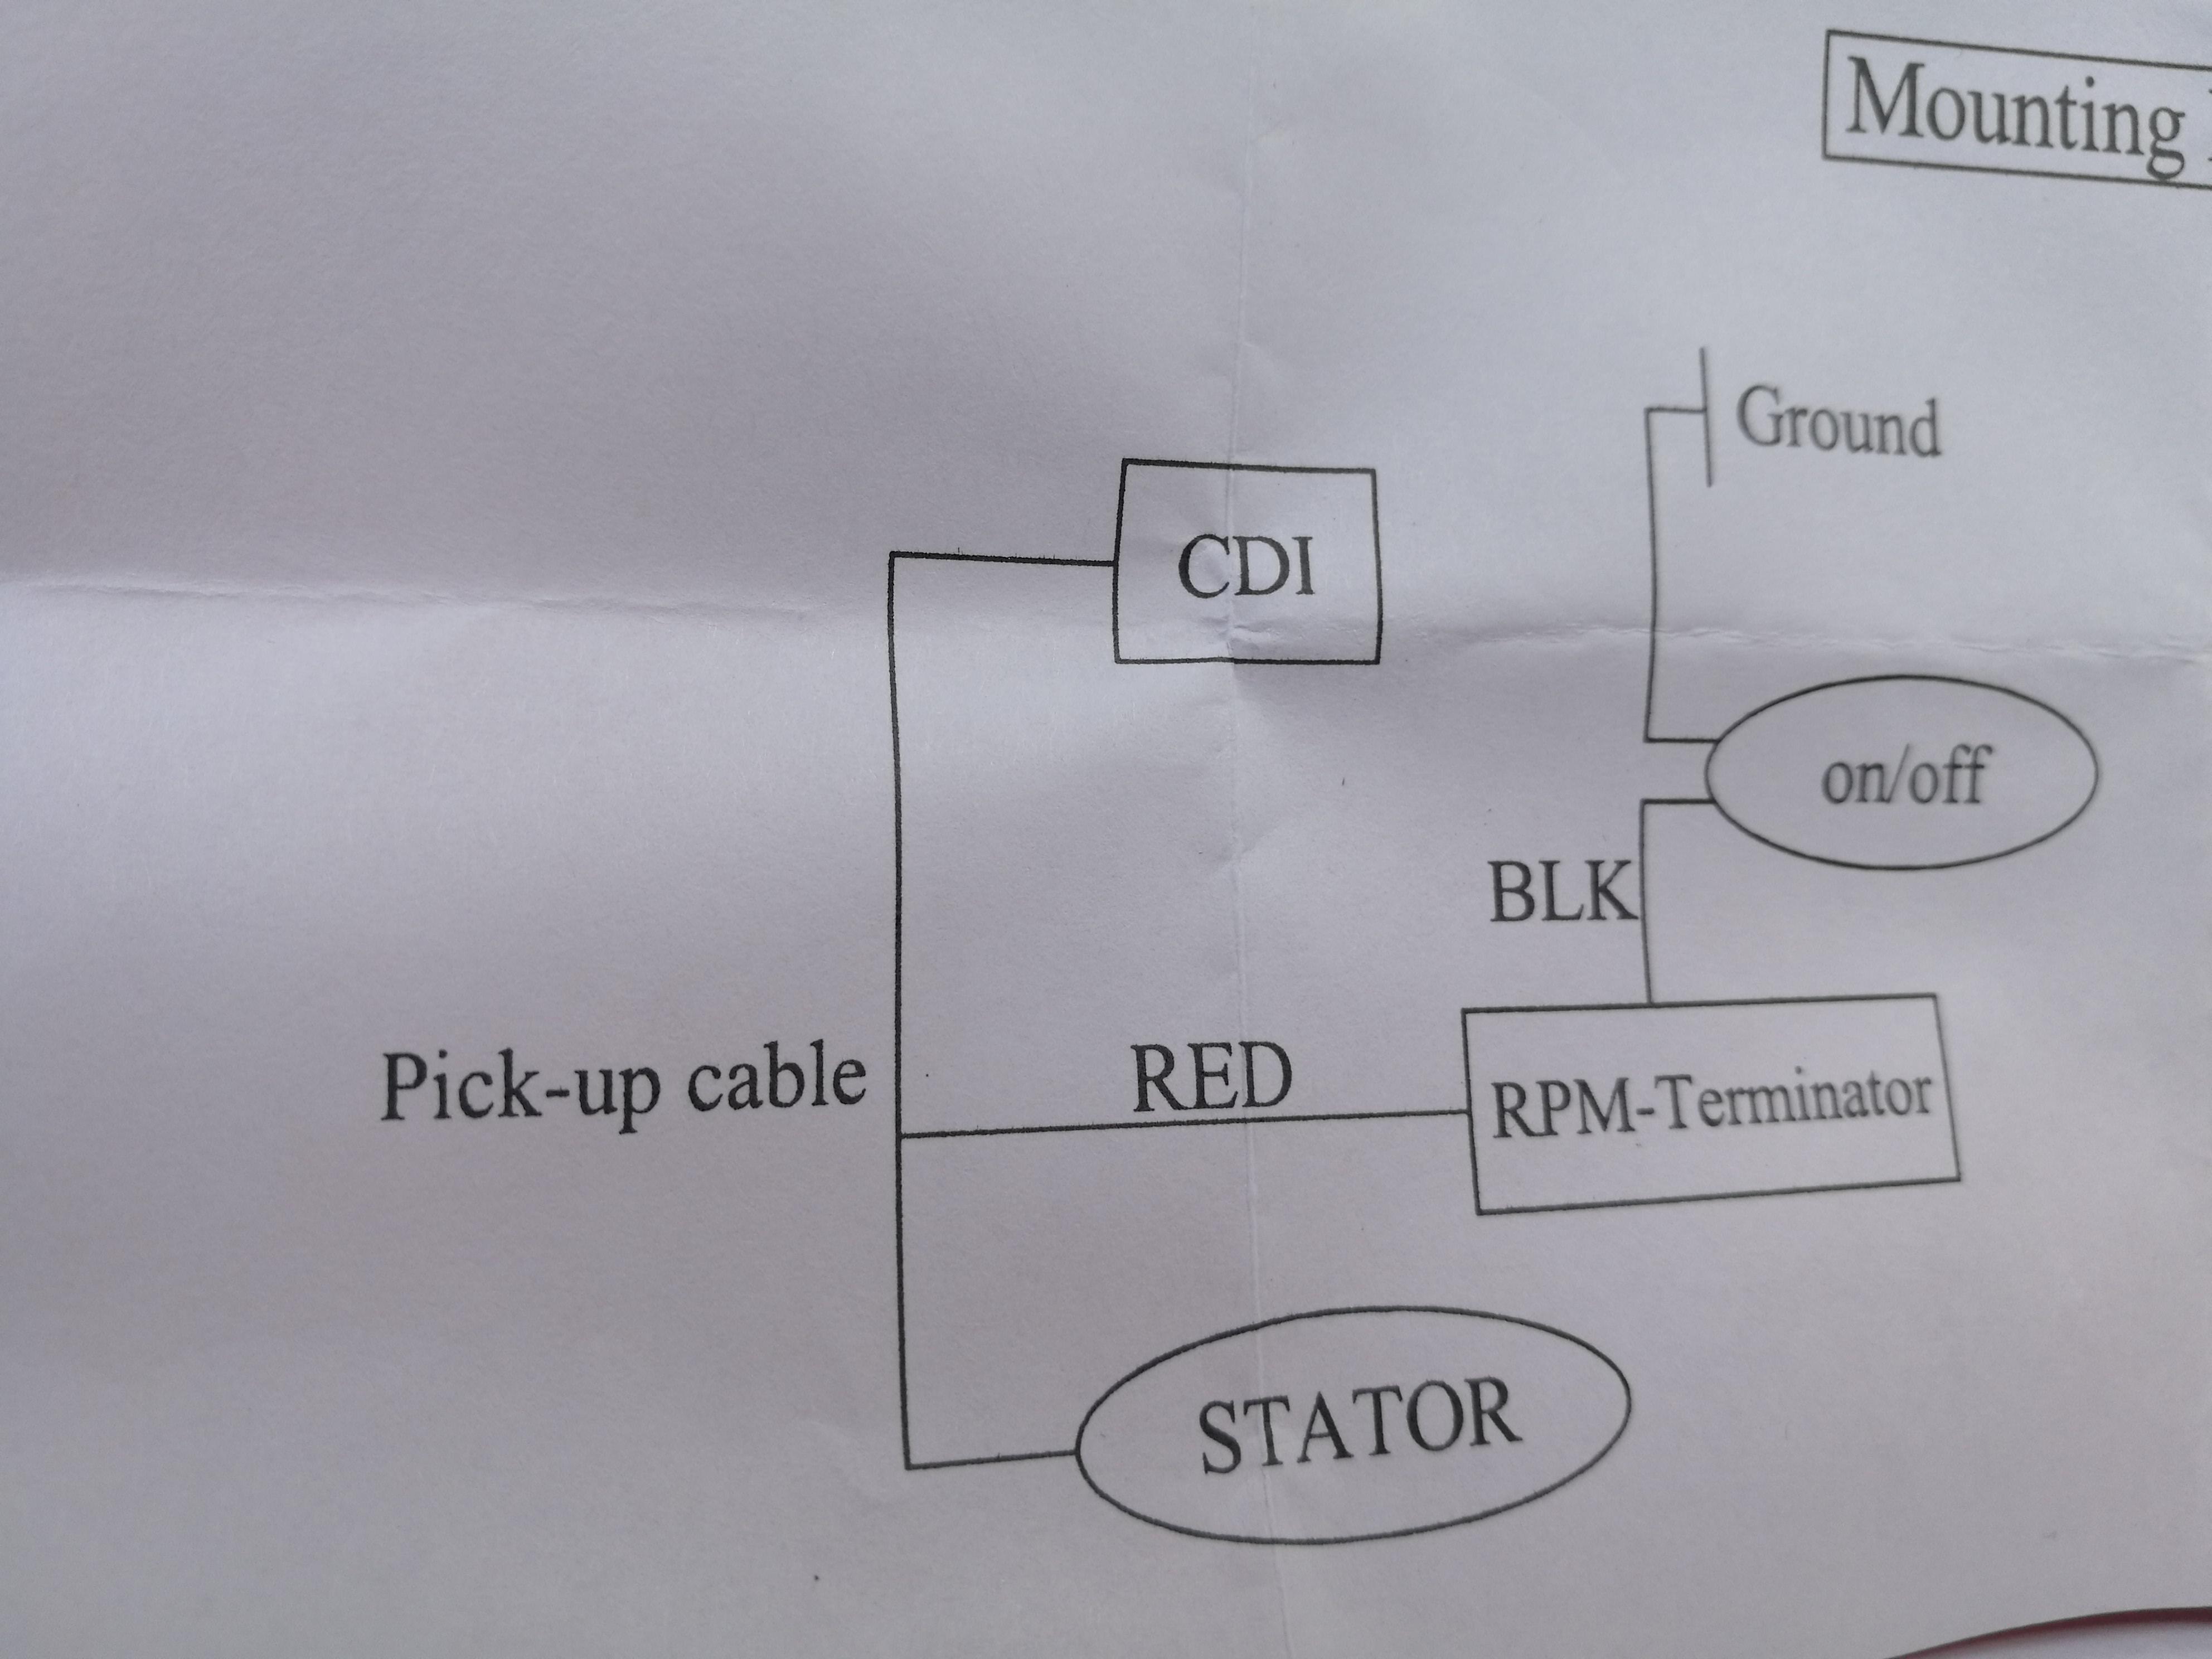 Zdjęcie schematu z instrukcji